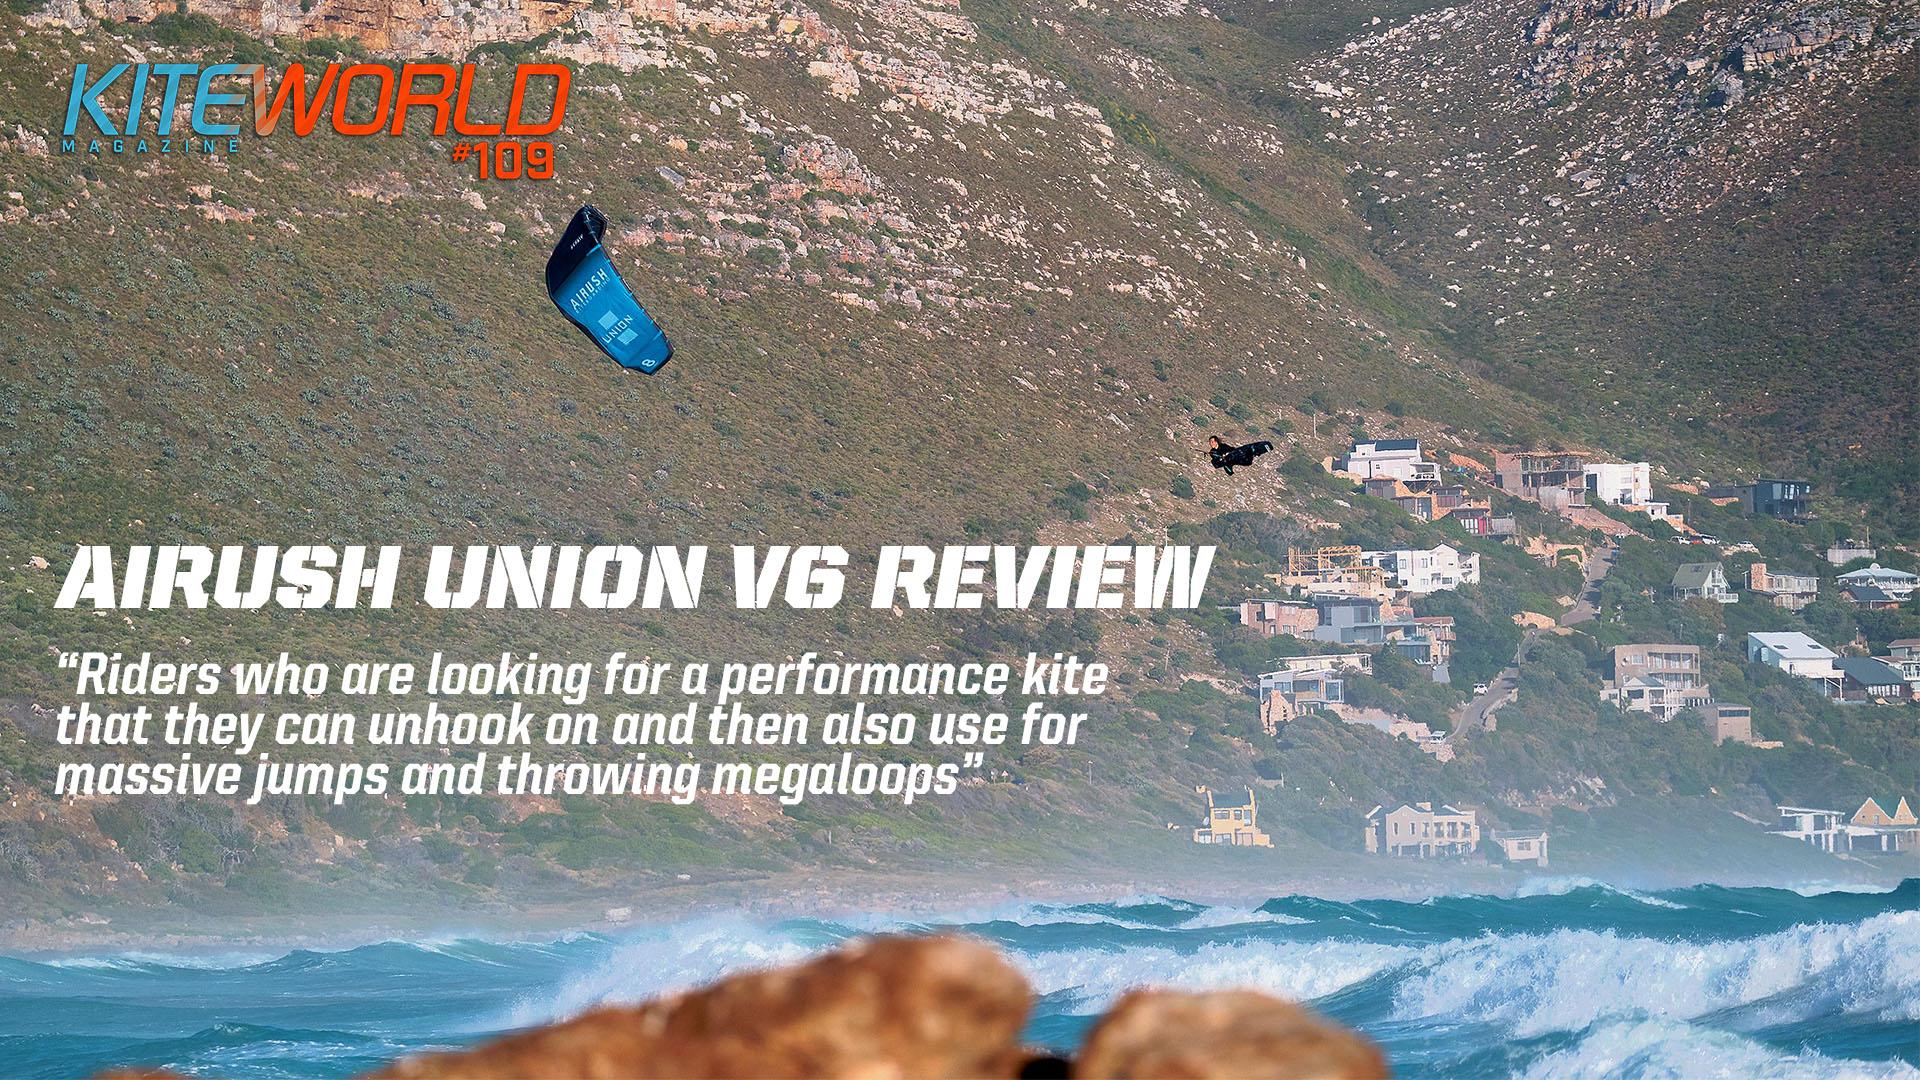 Kiteworld Review - Airush Union v6 3